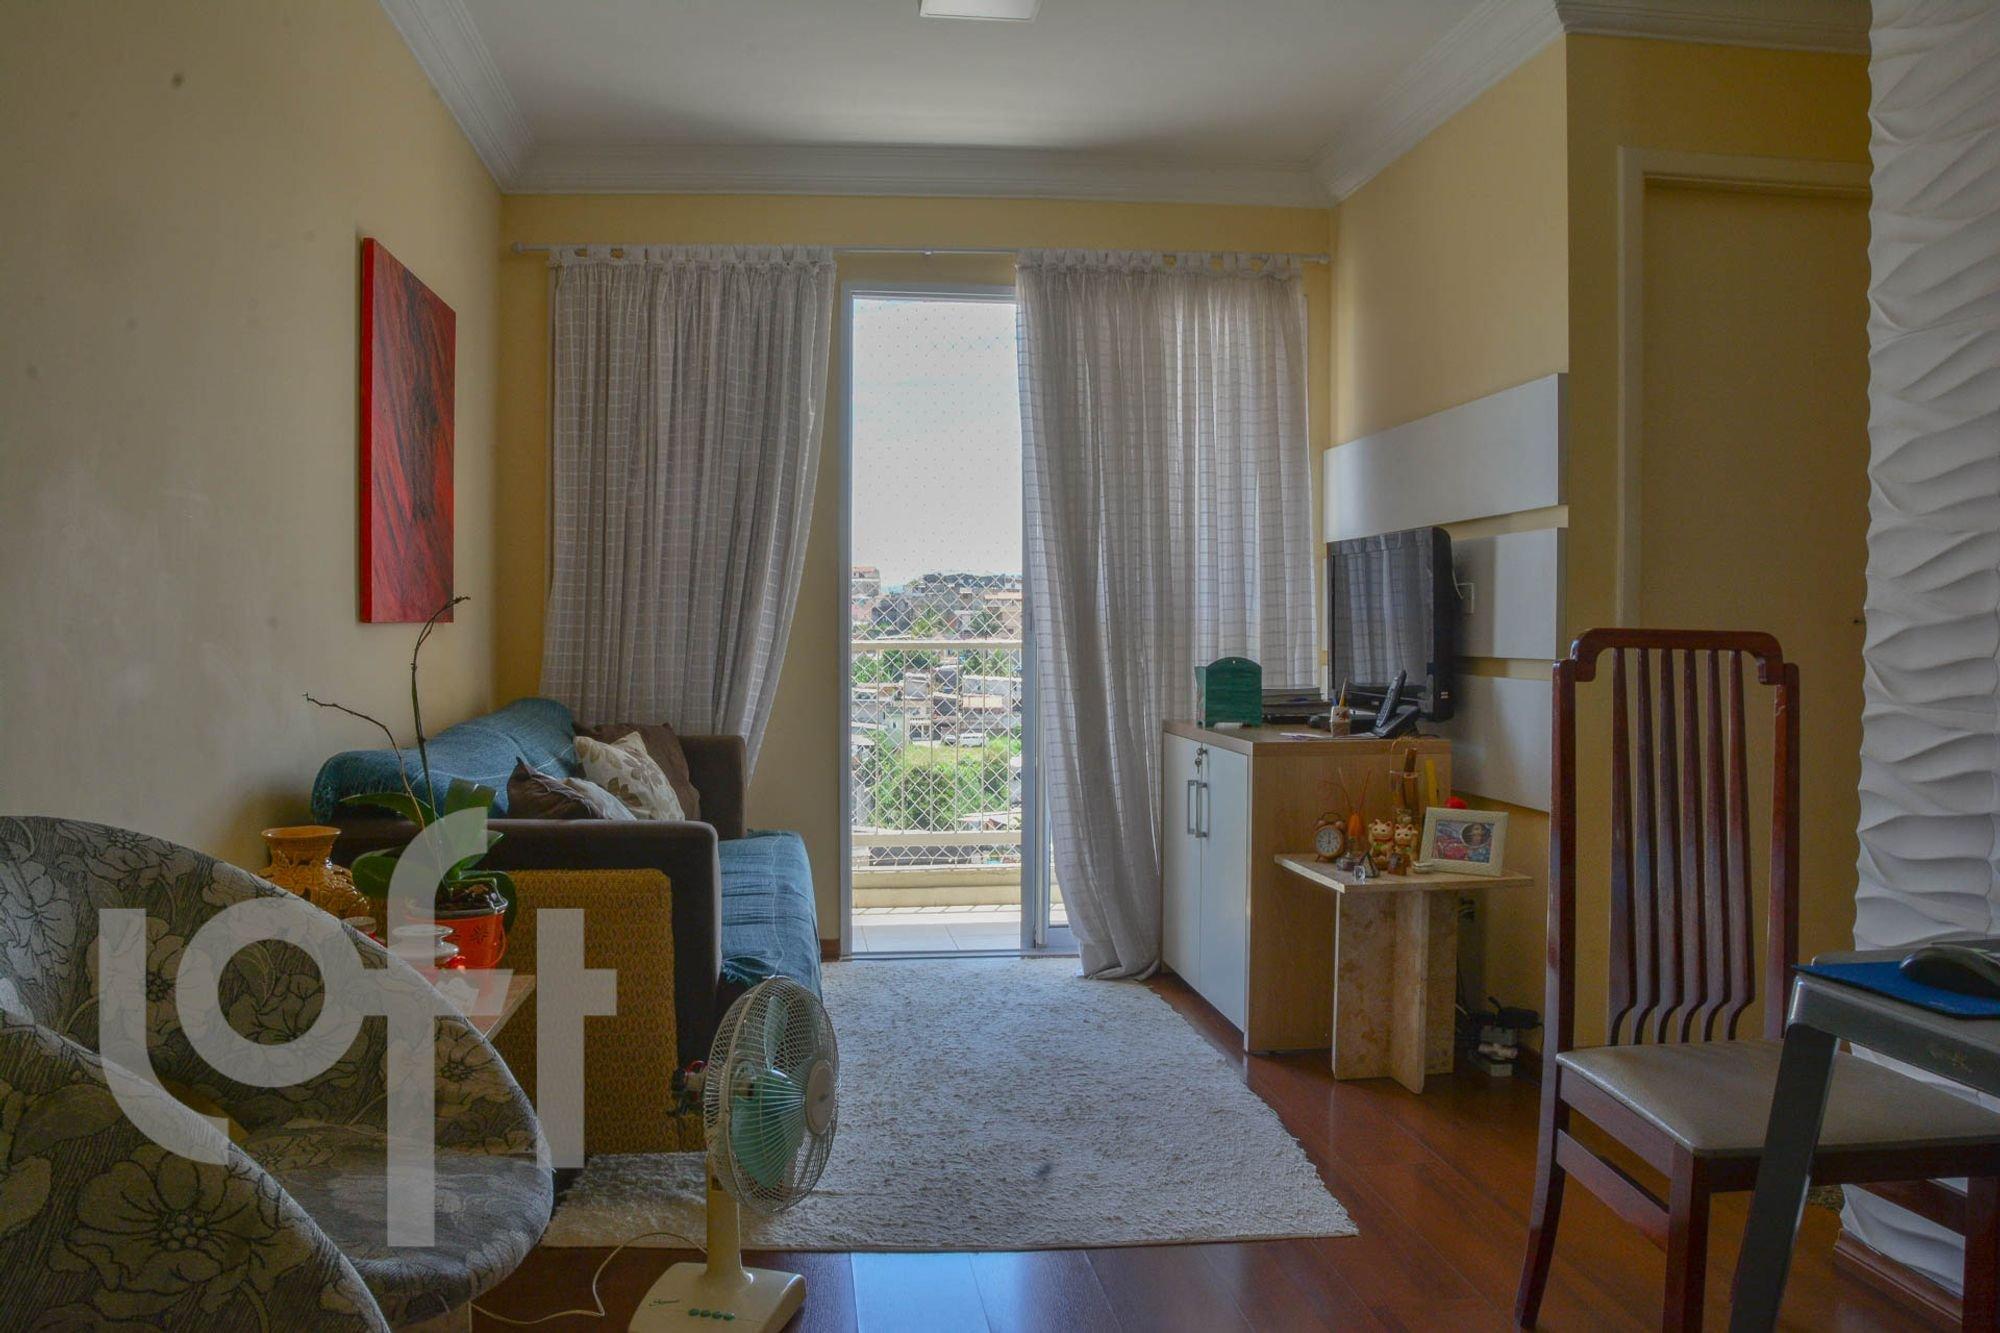 Foto de Sala com mouse, sofá, cadeira